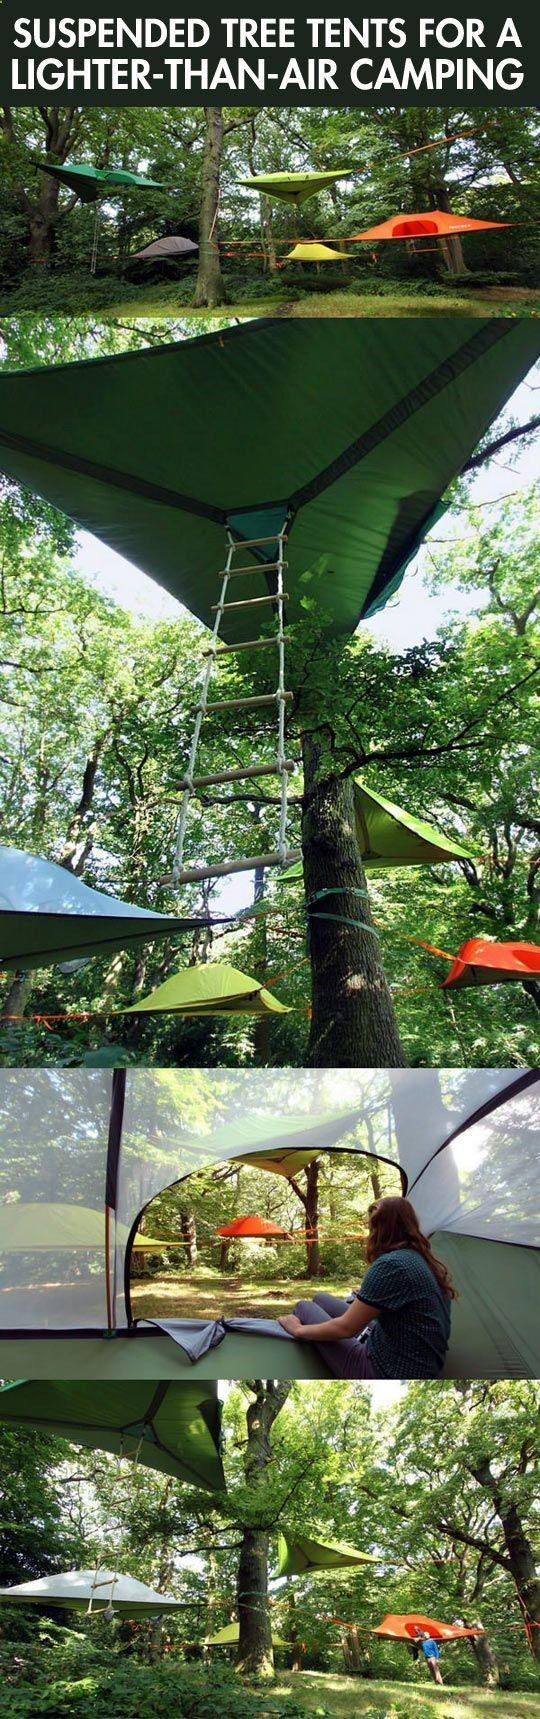 Tree tents   campinglivezcampinglivez